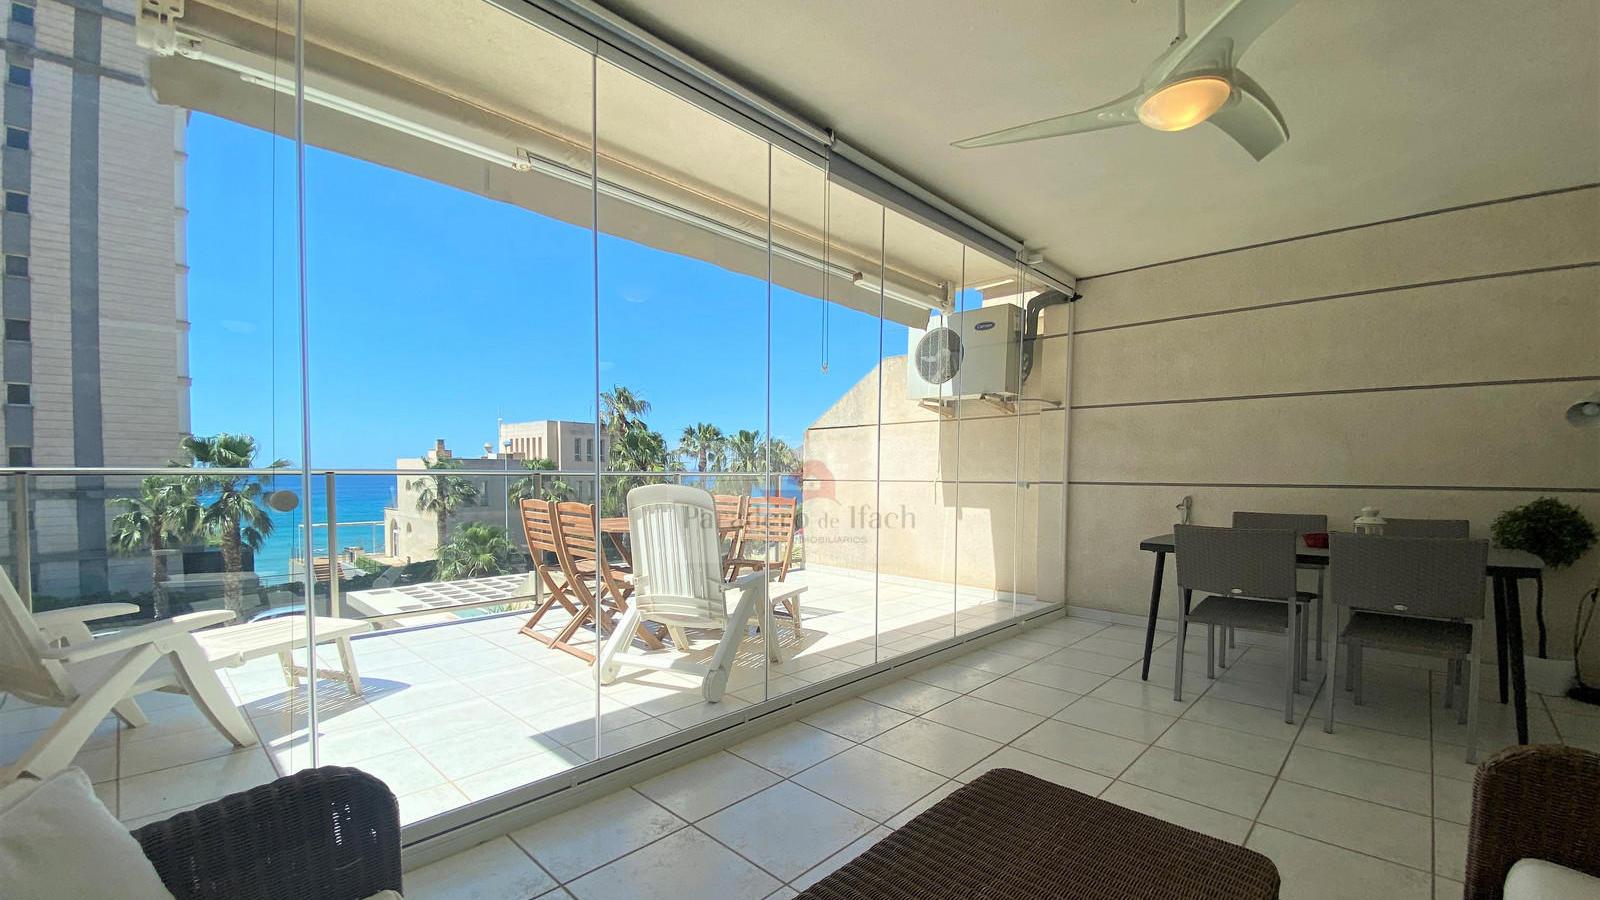 Apartament -                                       Calpe -                                       1 dormitoris -                                       4 ocupants